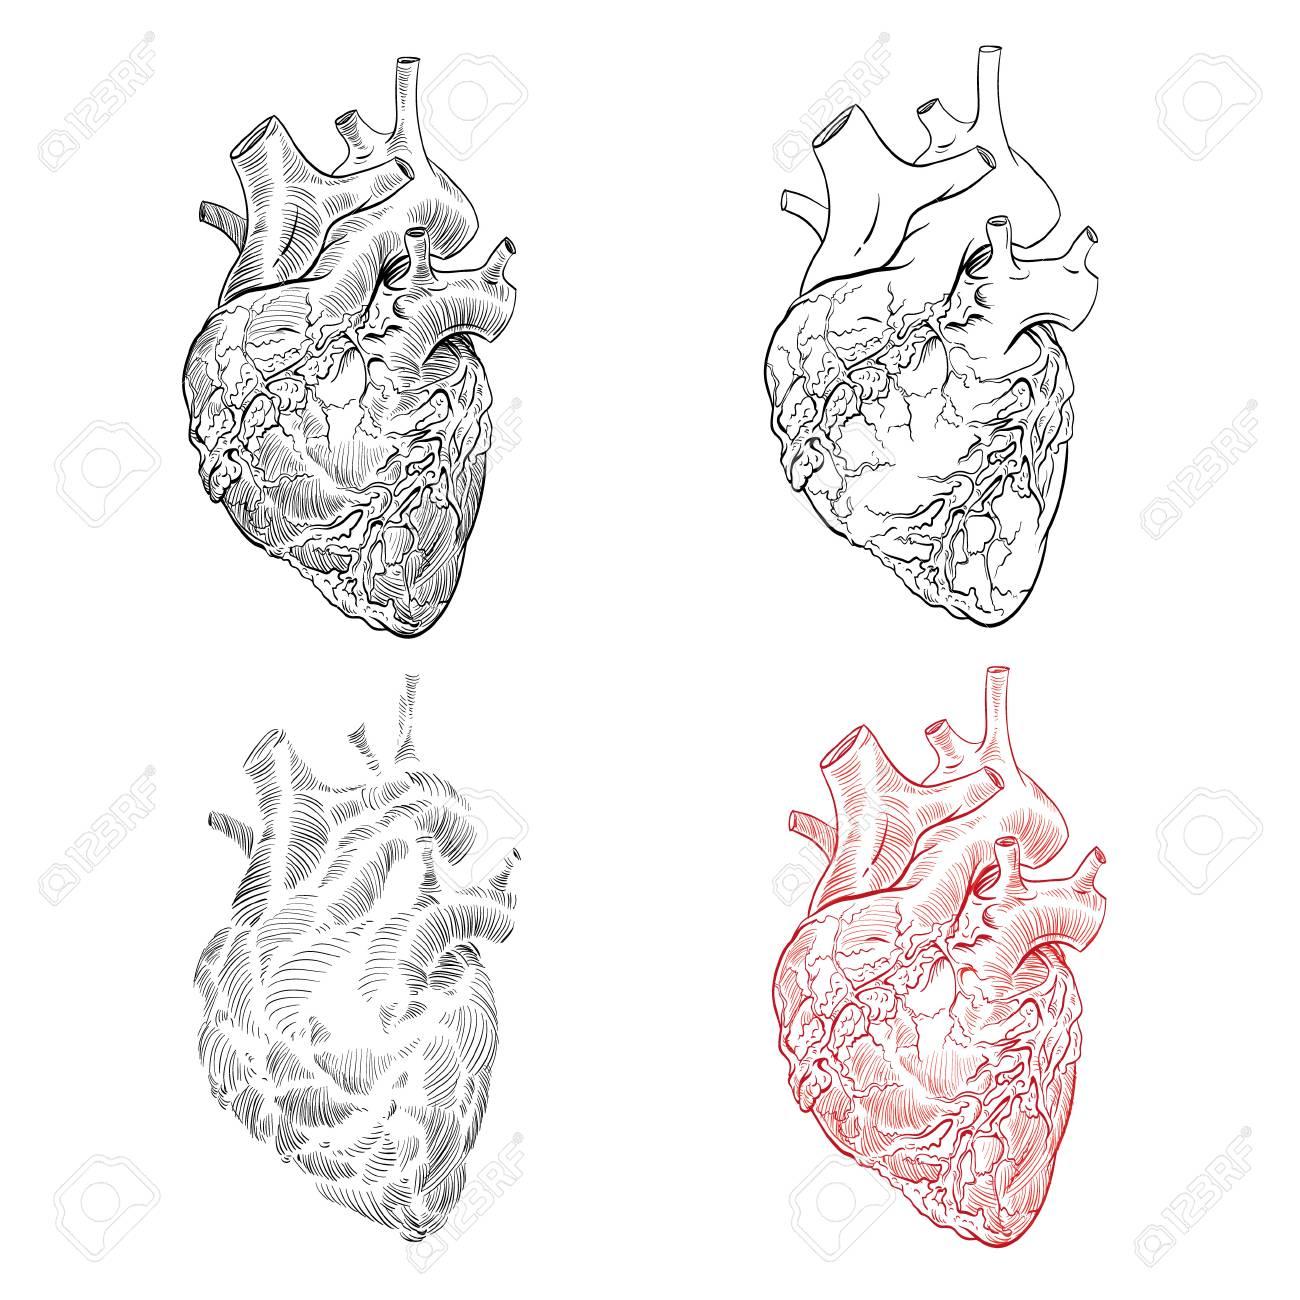 Wunderbar Menschliche Anatomie Skizzen Ideen - Anatomie Ideen ...